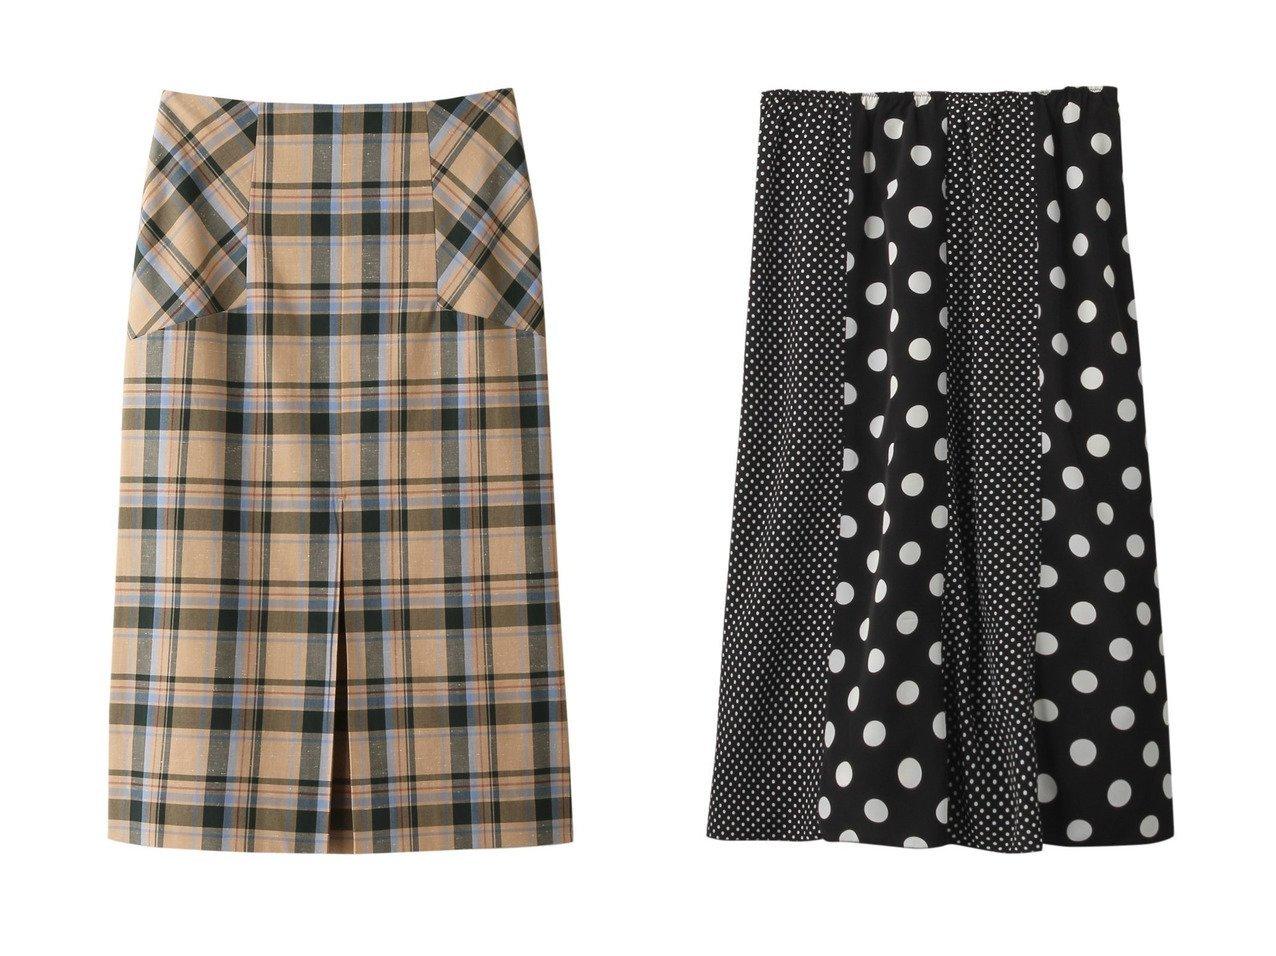 【heliopole/エリオポール】のBONOTTOラメチェックBOXプリーツスカート&デシンドット8枚はぎスカート heliopoleのおすすめ!人気、トレンド・レディースファッションの通販 おすすめで人気の流行・トレンド、ファッションの通販商品 メンズファッション・キッズファッション・インテリア・家具・レディースファッション・服の通販 founy(ファニー) https://founy.com/ ファッション Fashion レディースファッション WOMEN スカート Skirt プリーツスカート Pleated Skirts ロングスカート Long Skirt イタリア チェック プリーツ ボトム ロング ドット バランス ブロッキング プリント ベーシック  ID:crp329100000016730